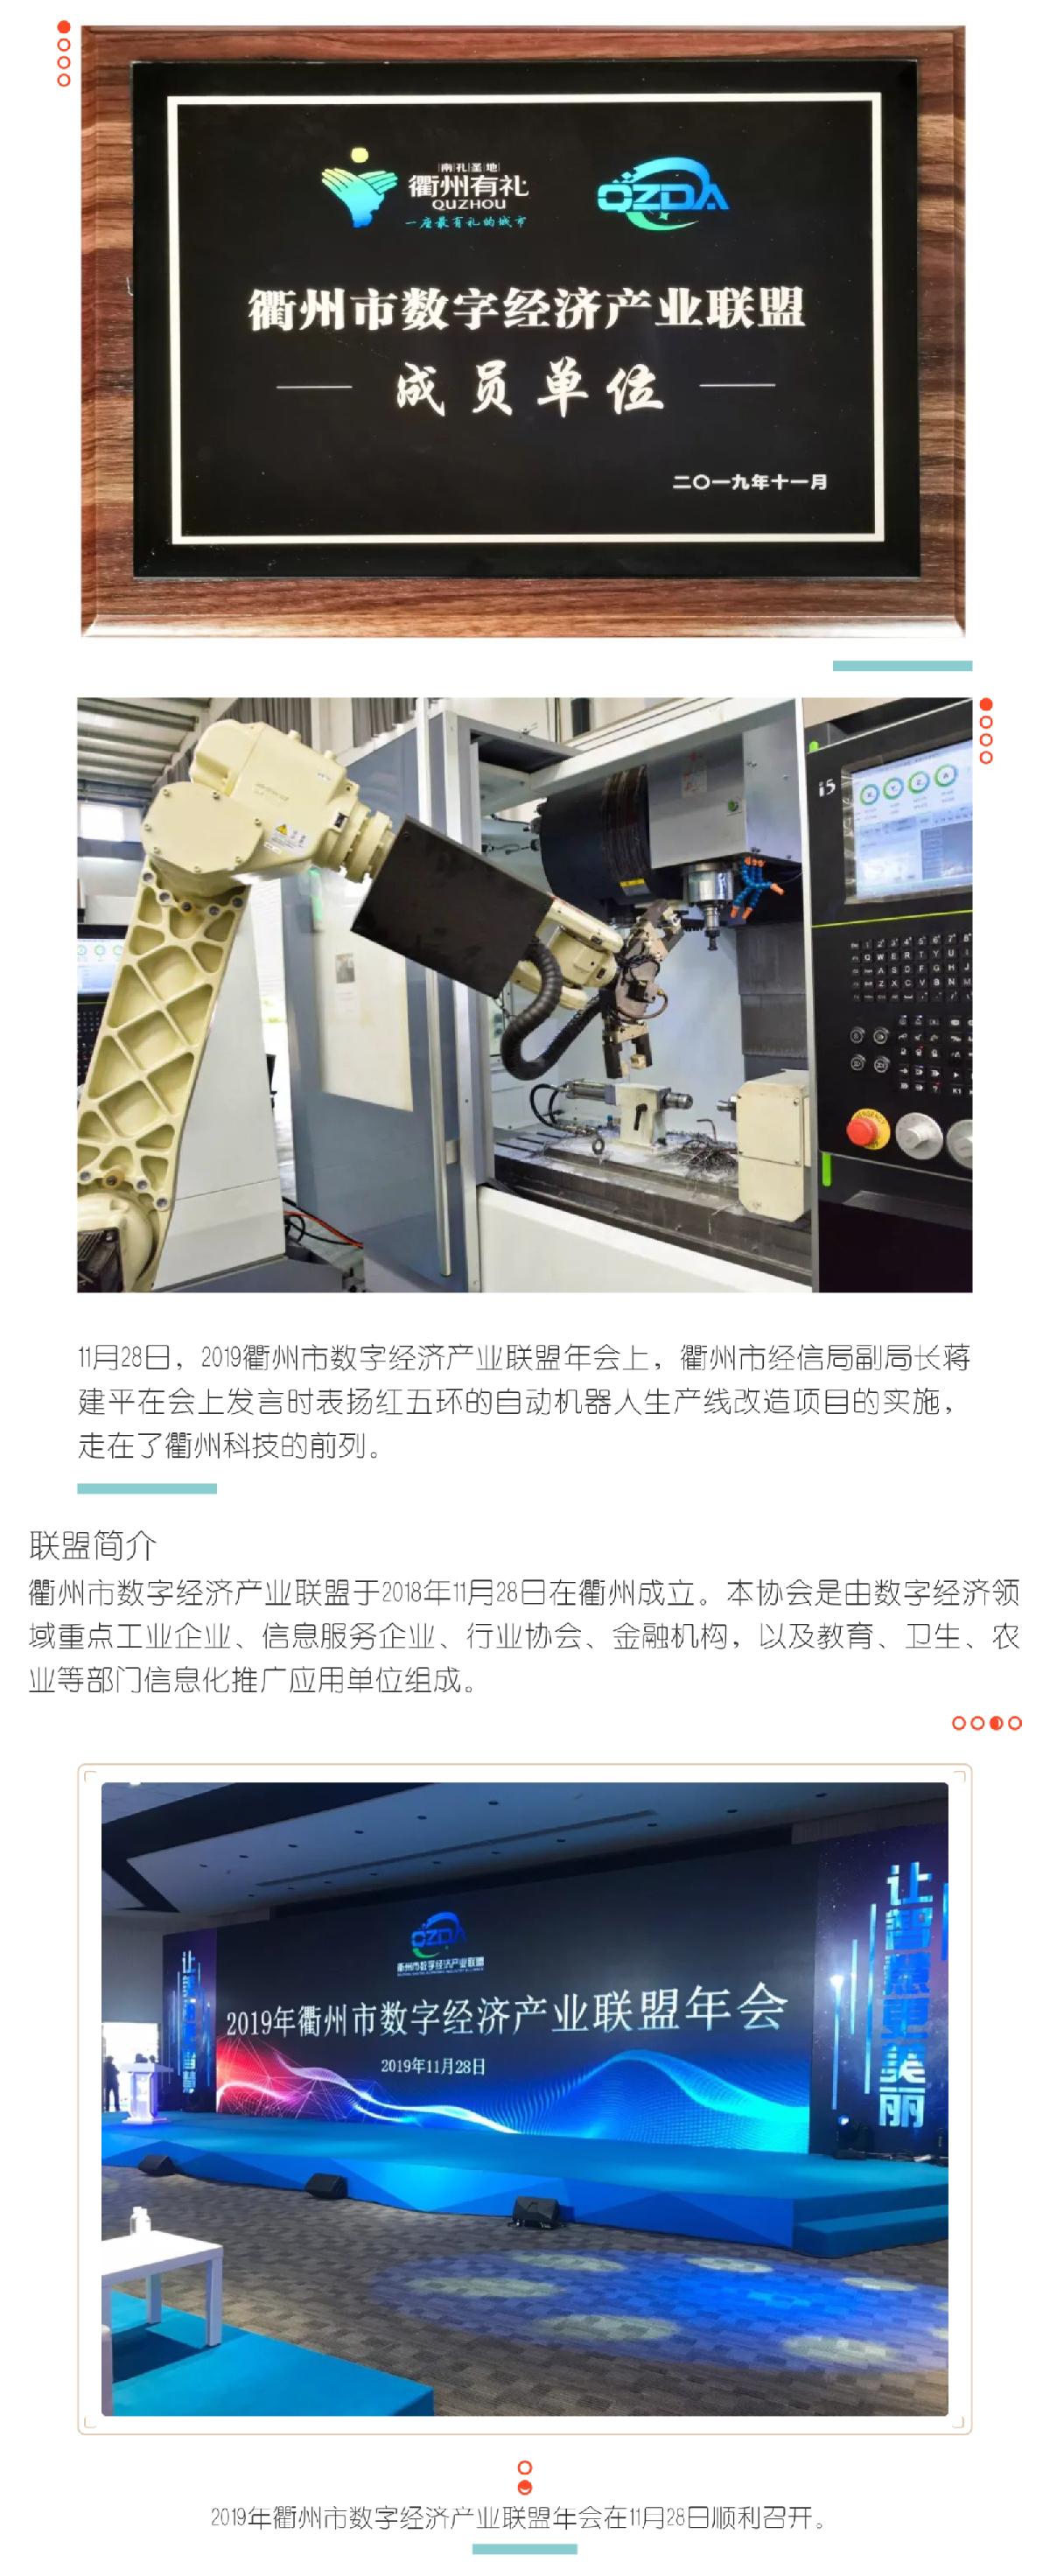 Screenshot_20191220_084919_com.tencent_02